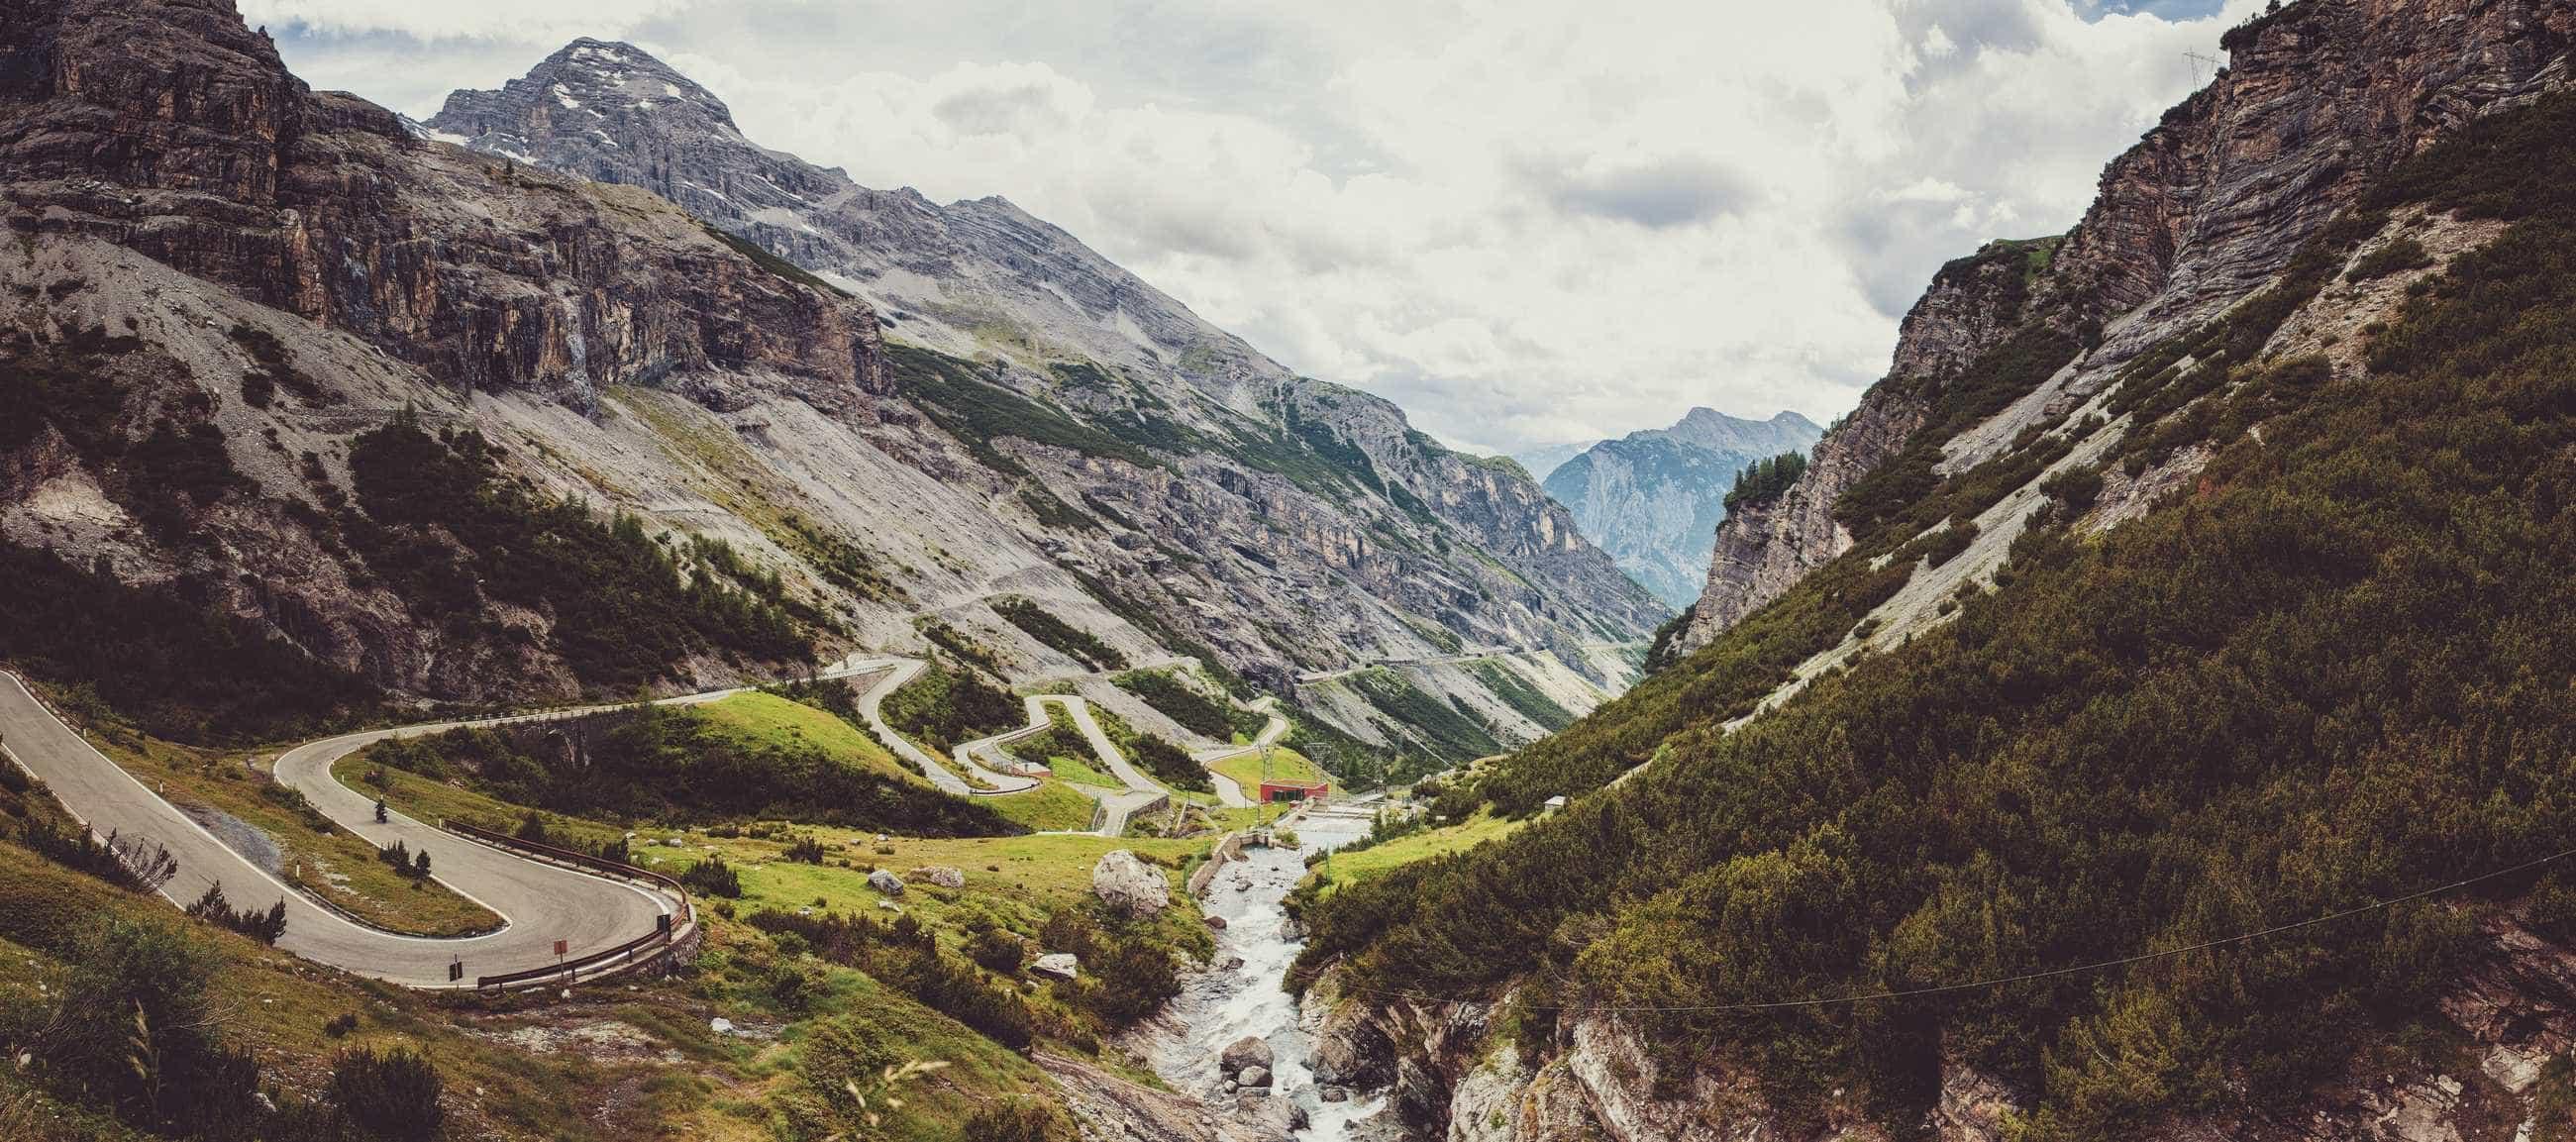 Itália fora do comum: confira roteiro por termas naturais